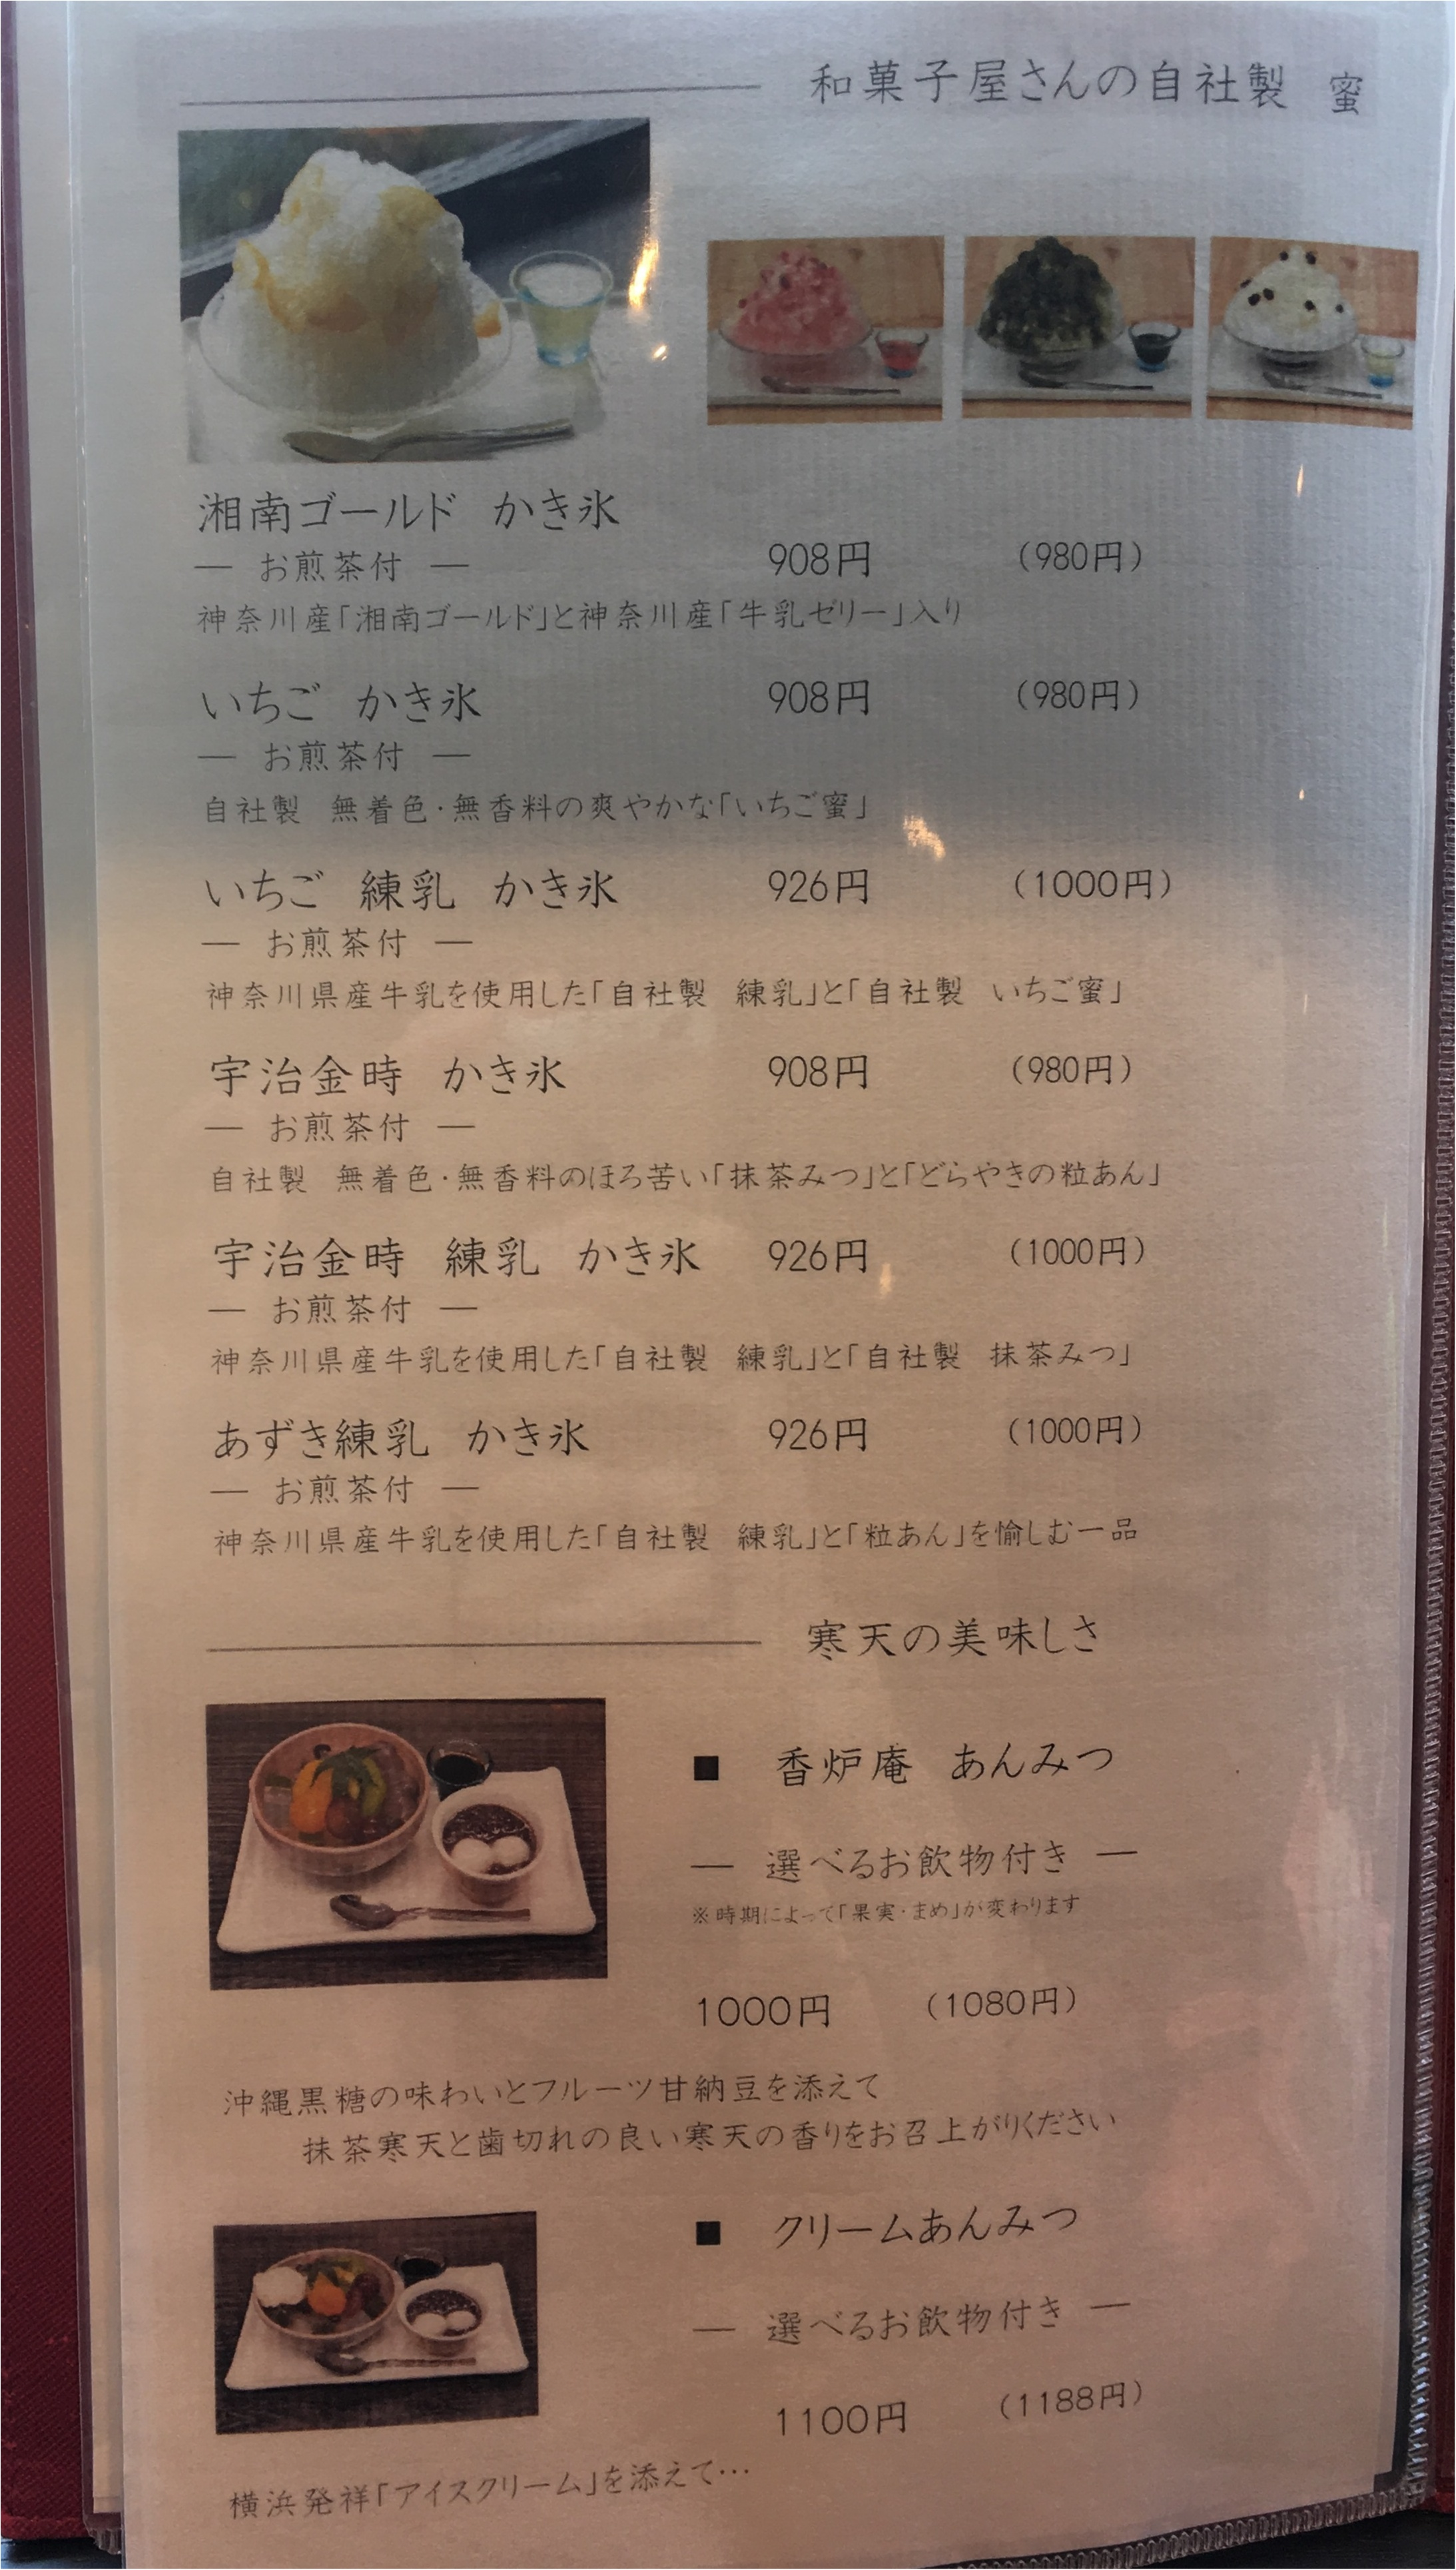 【期間限定】神奈川県産湘南ゴールドを使ったサッパリかき氷が絶品過ぎる!!和菓子屋さんのかき氷_4